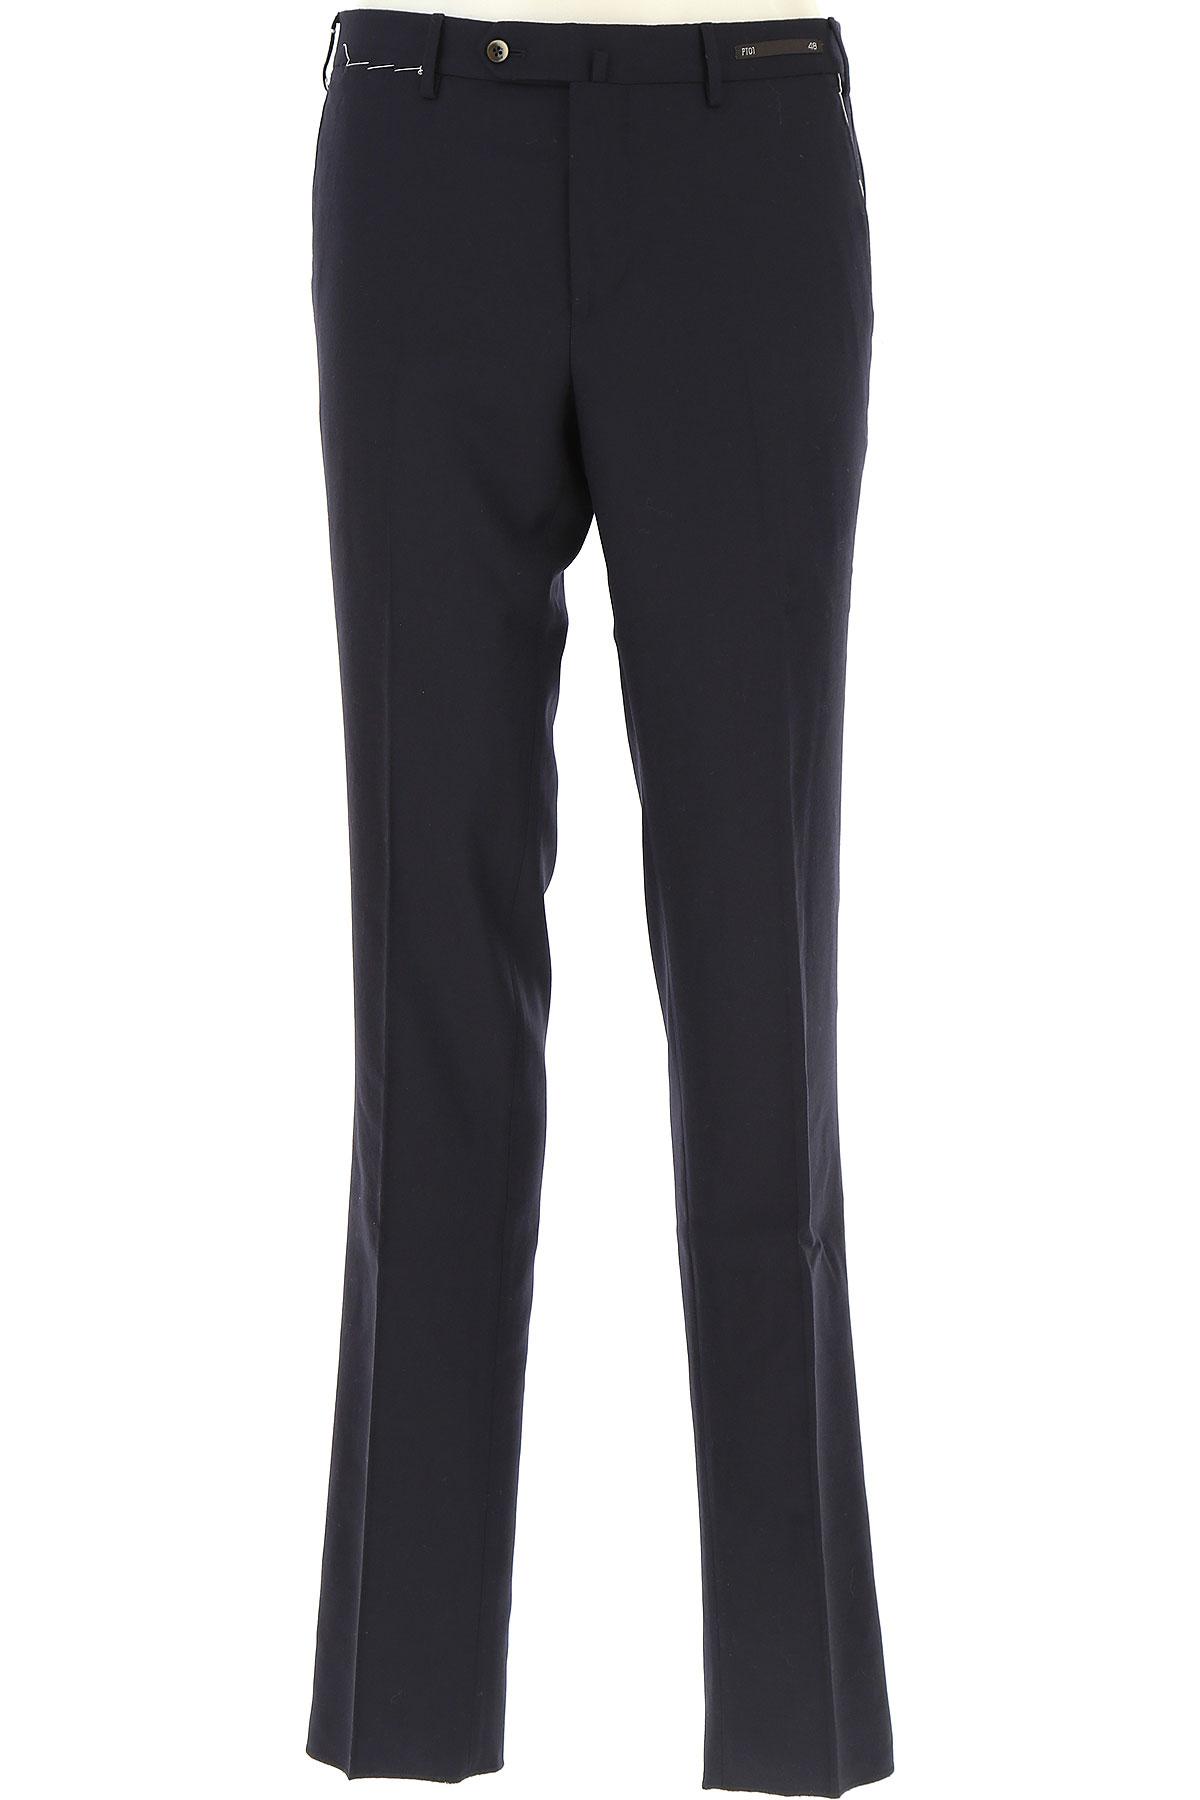 Image of PT01 Pants for Men, Black, Wool, 2017, 30 32 34 36 38 40